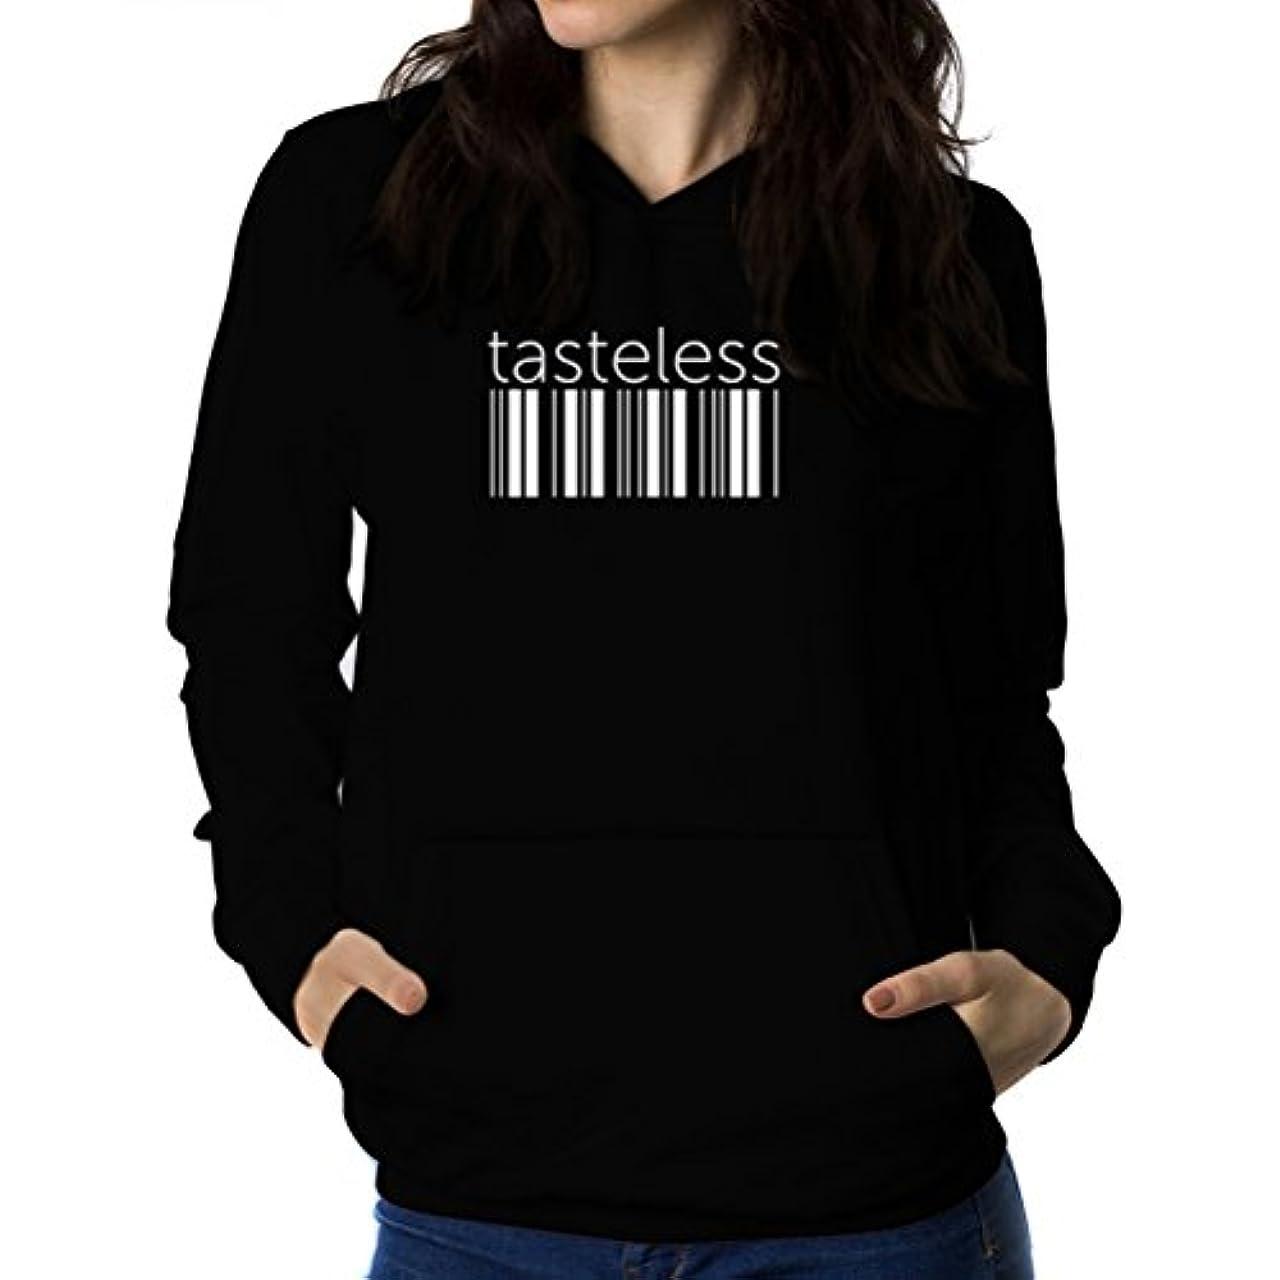 視線接続されたヶ月目tasteless barcode 女性 フーディー